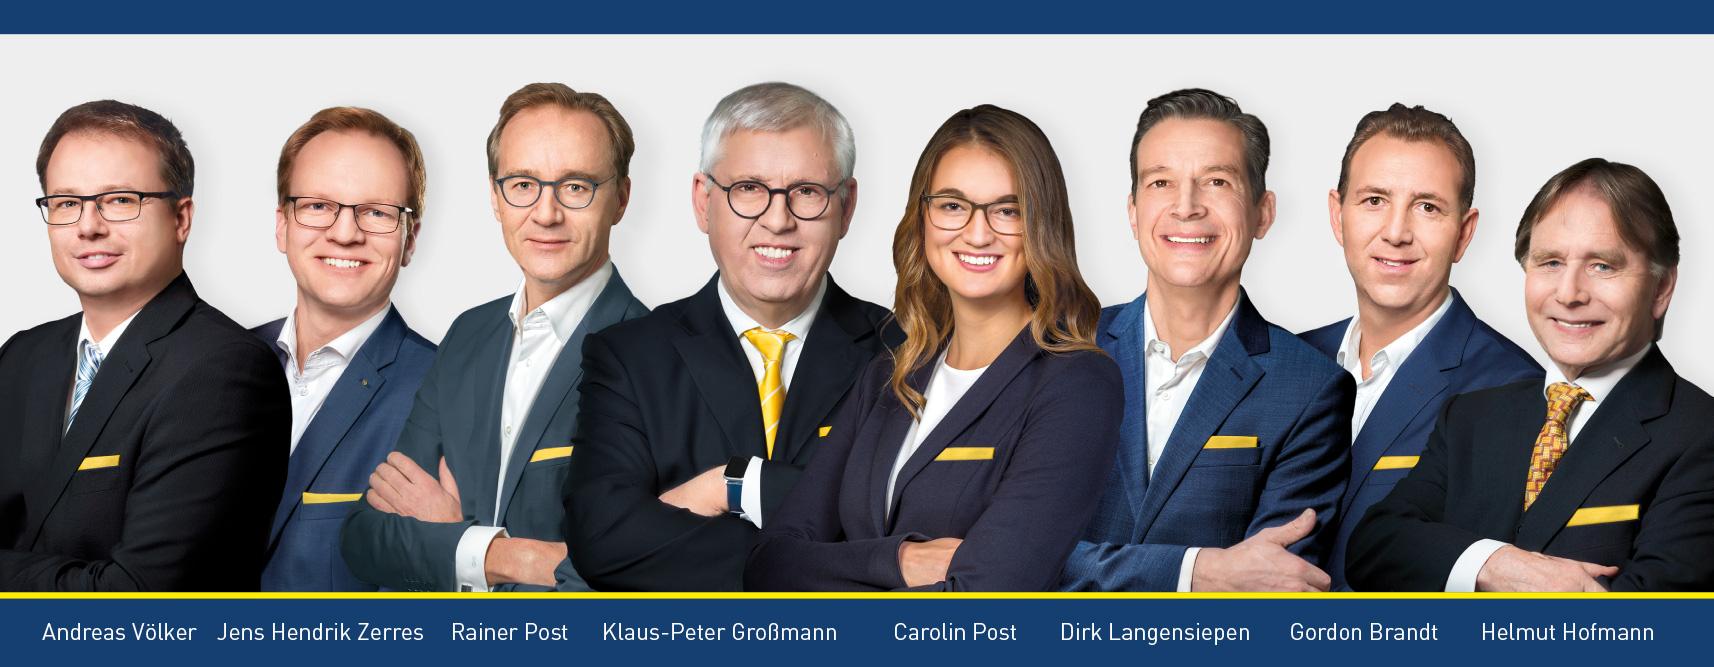 Team der Auktionshaus Grundstücksbörse Rhein-Ruhr AG